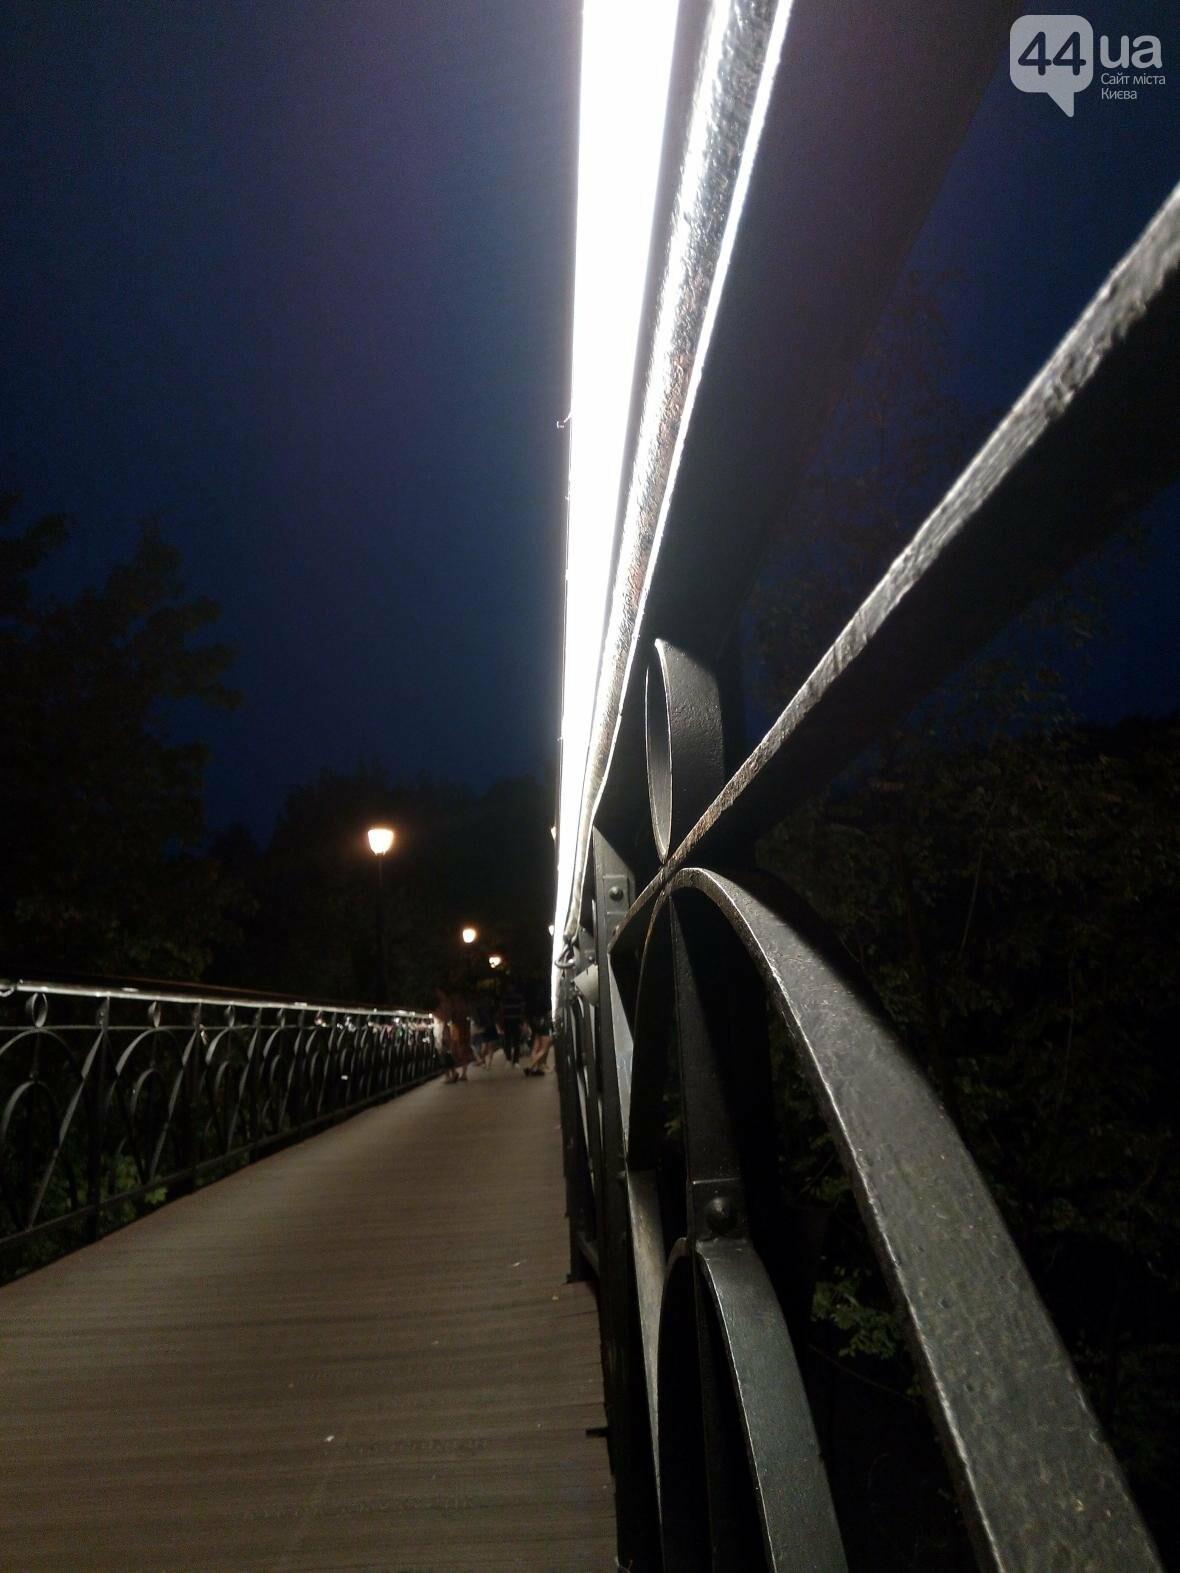 Знаменитый мост влюбленных в Киеве засветился по-новому (ФОТО), фото-5